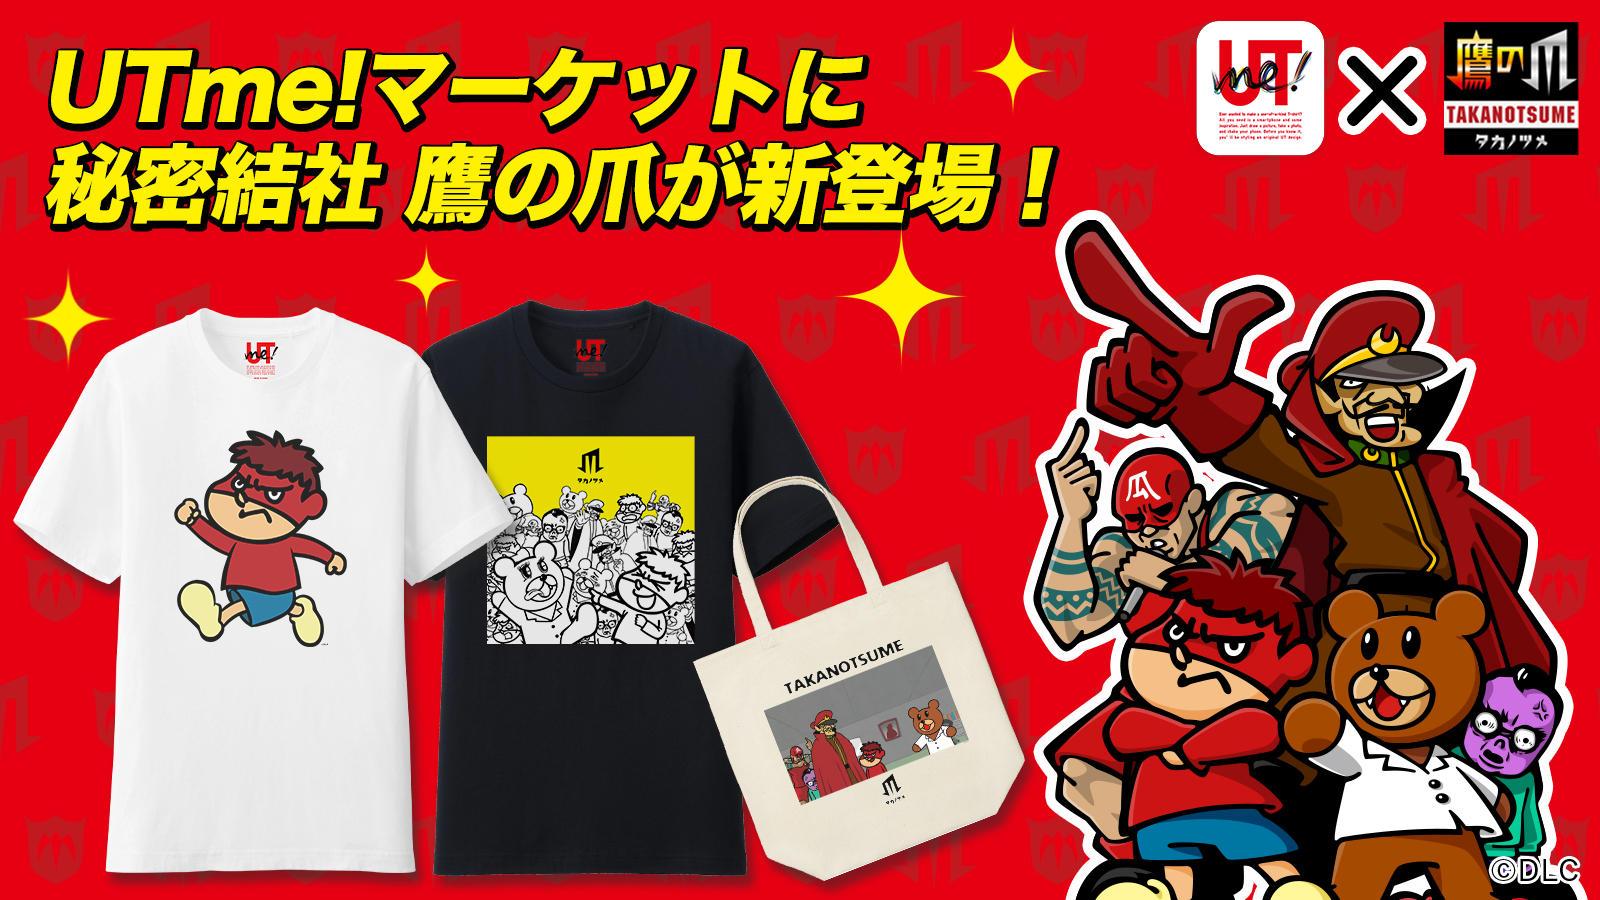 UTme!マーケットに「鷹の爪」「貝社員」「パンパカパンツ」のデザインが新登場!